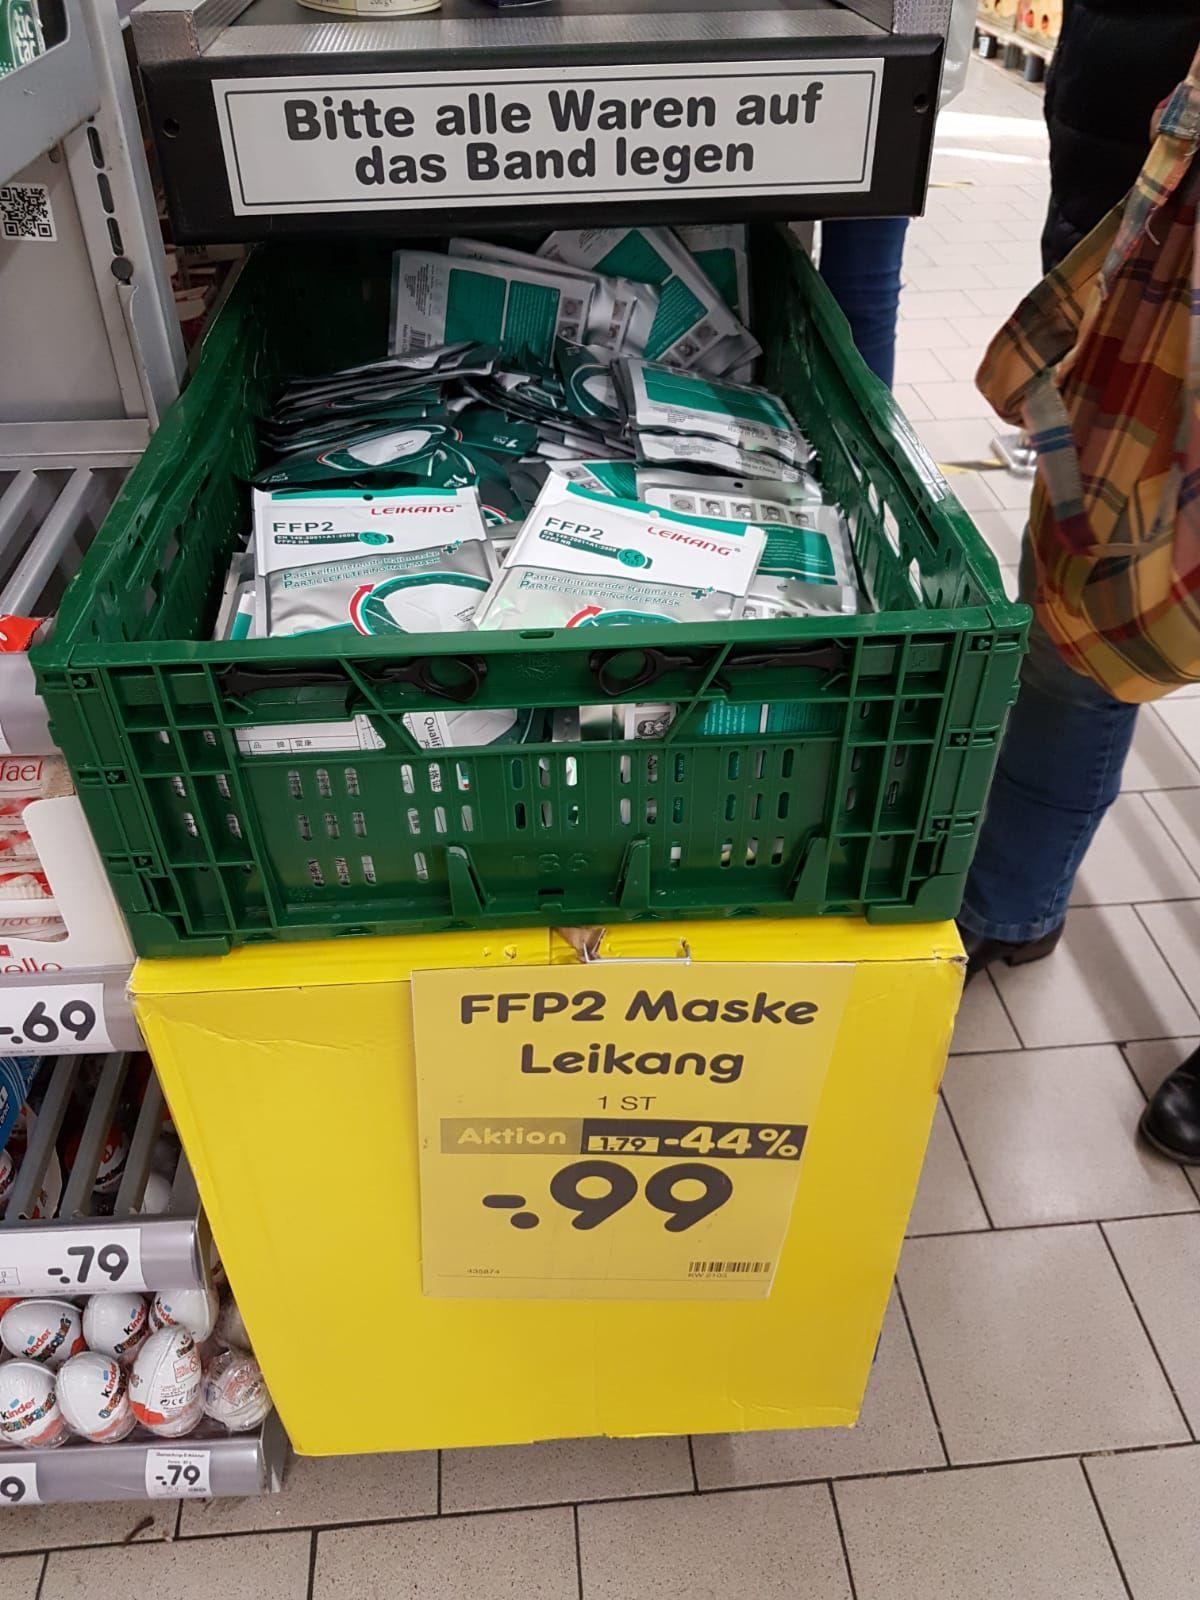 FFP2 Maske Leikang